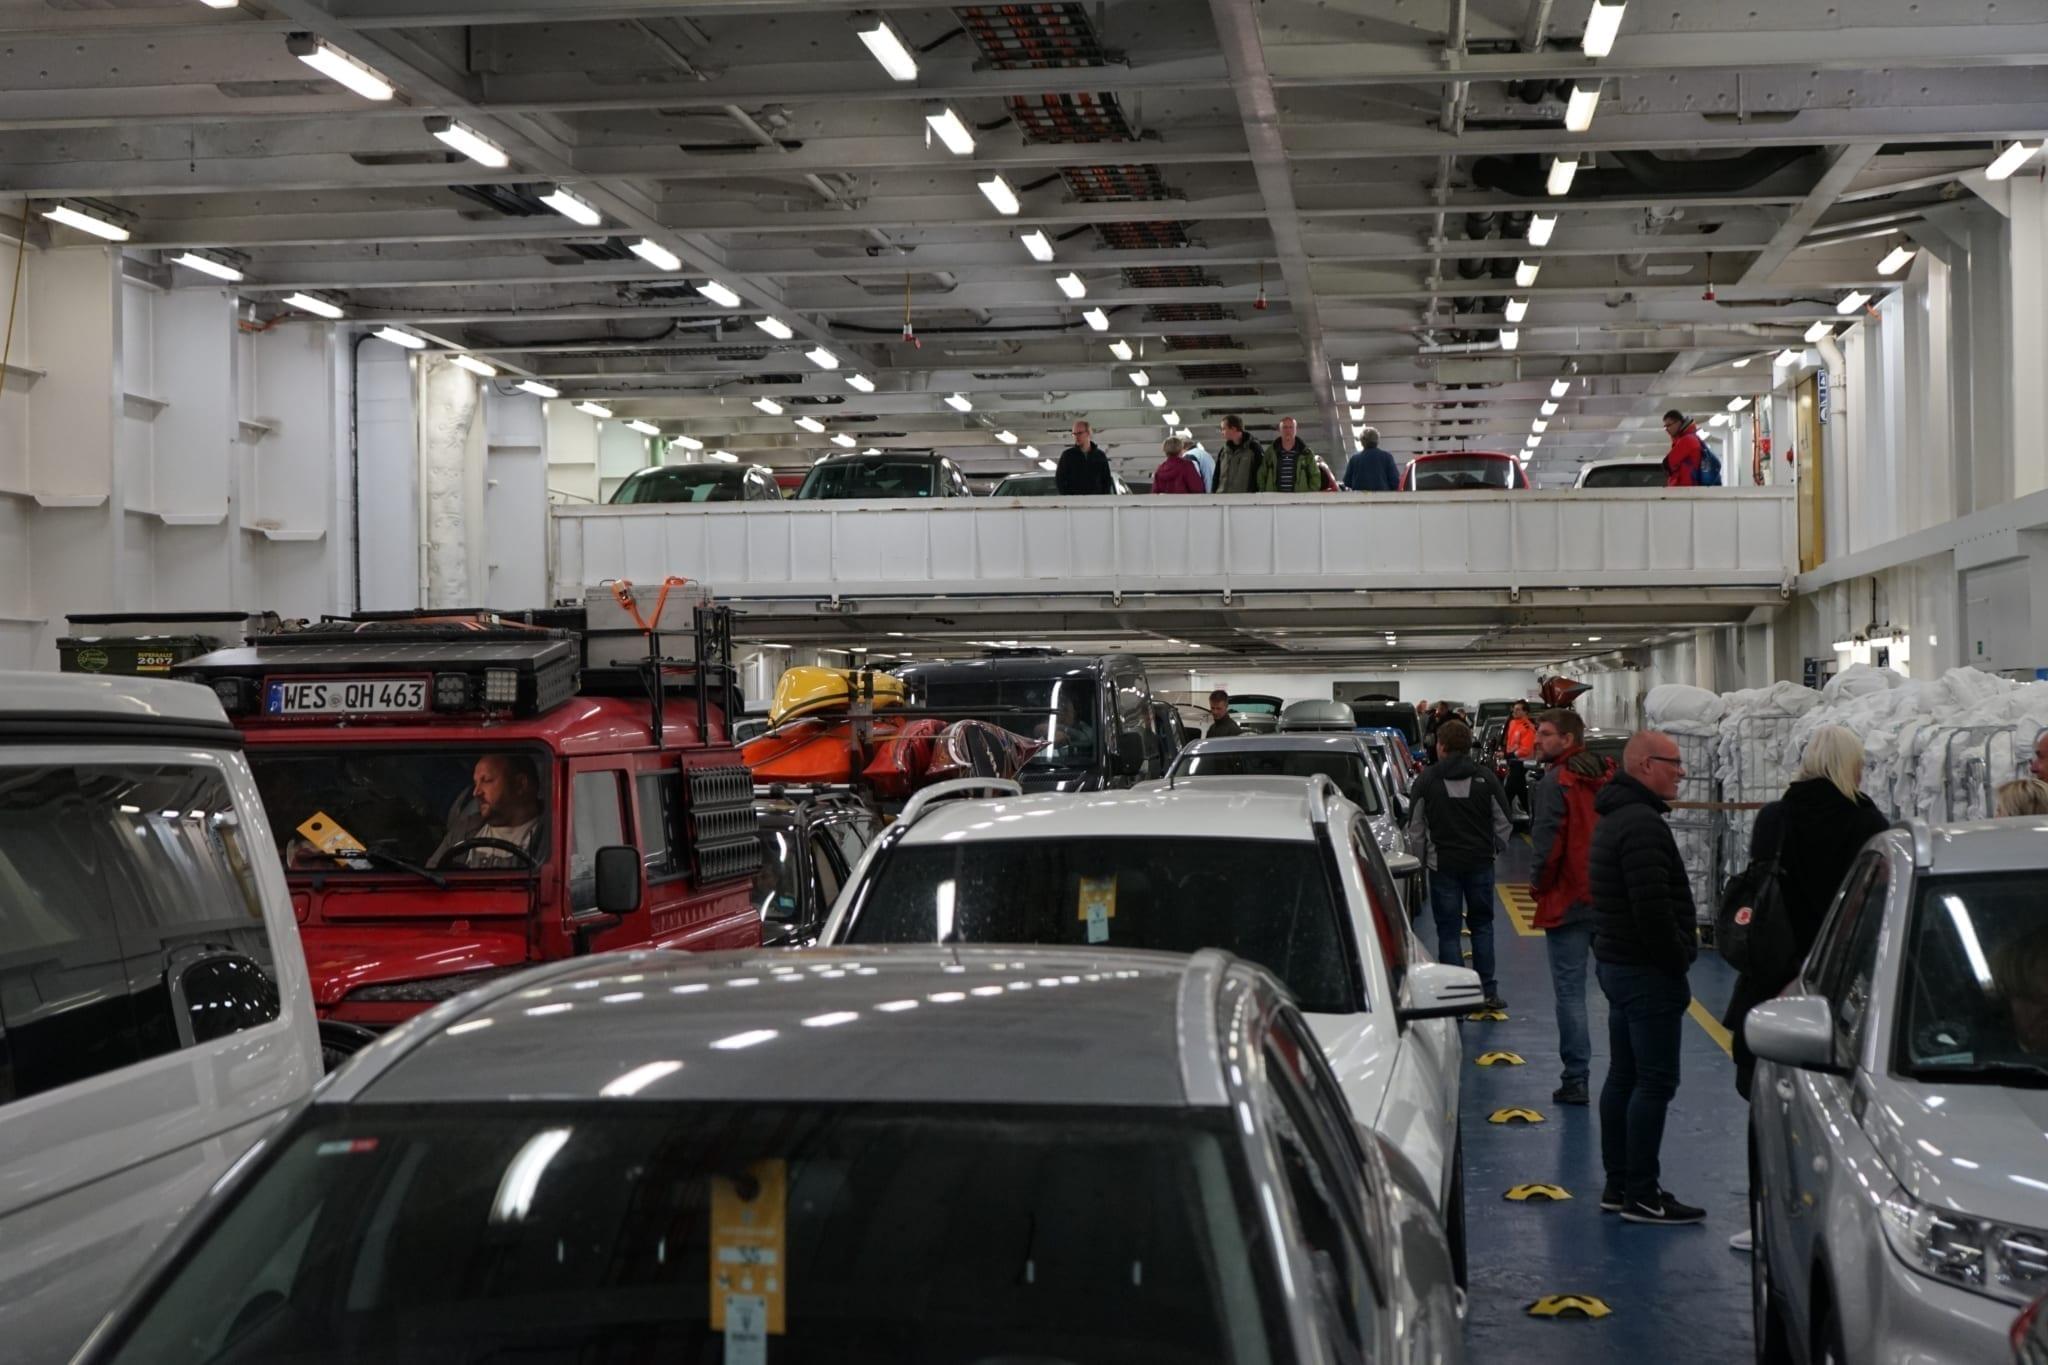 Auf den Wagendecks finden bis zu 800 PKW Platz. Foto: A.S.